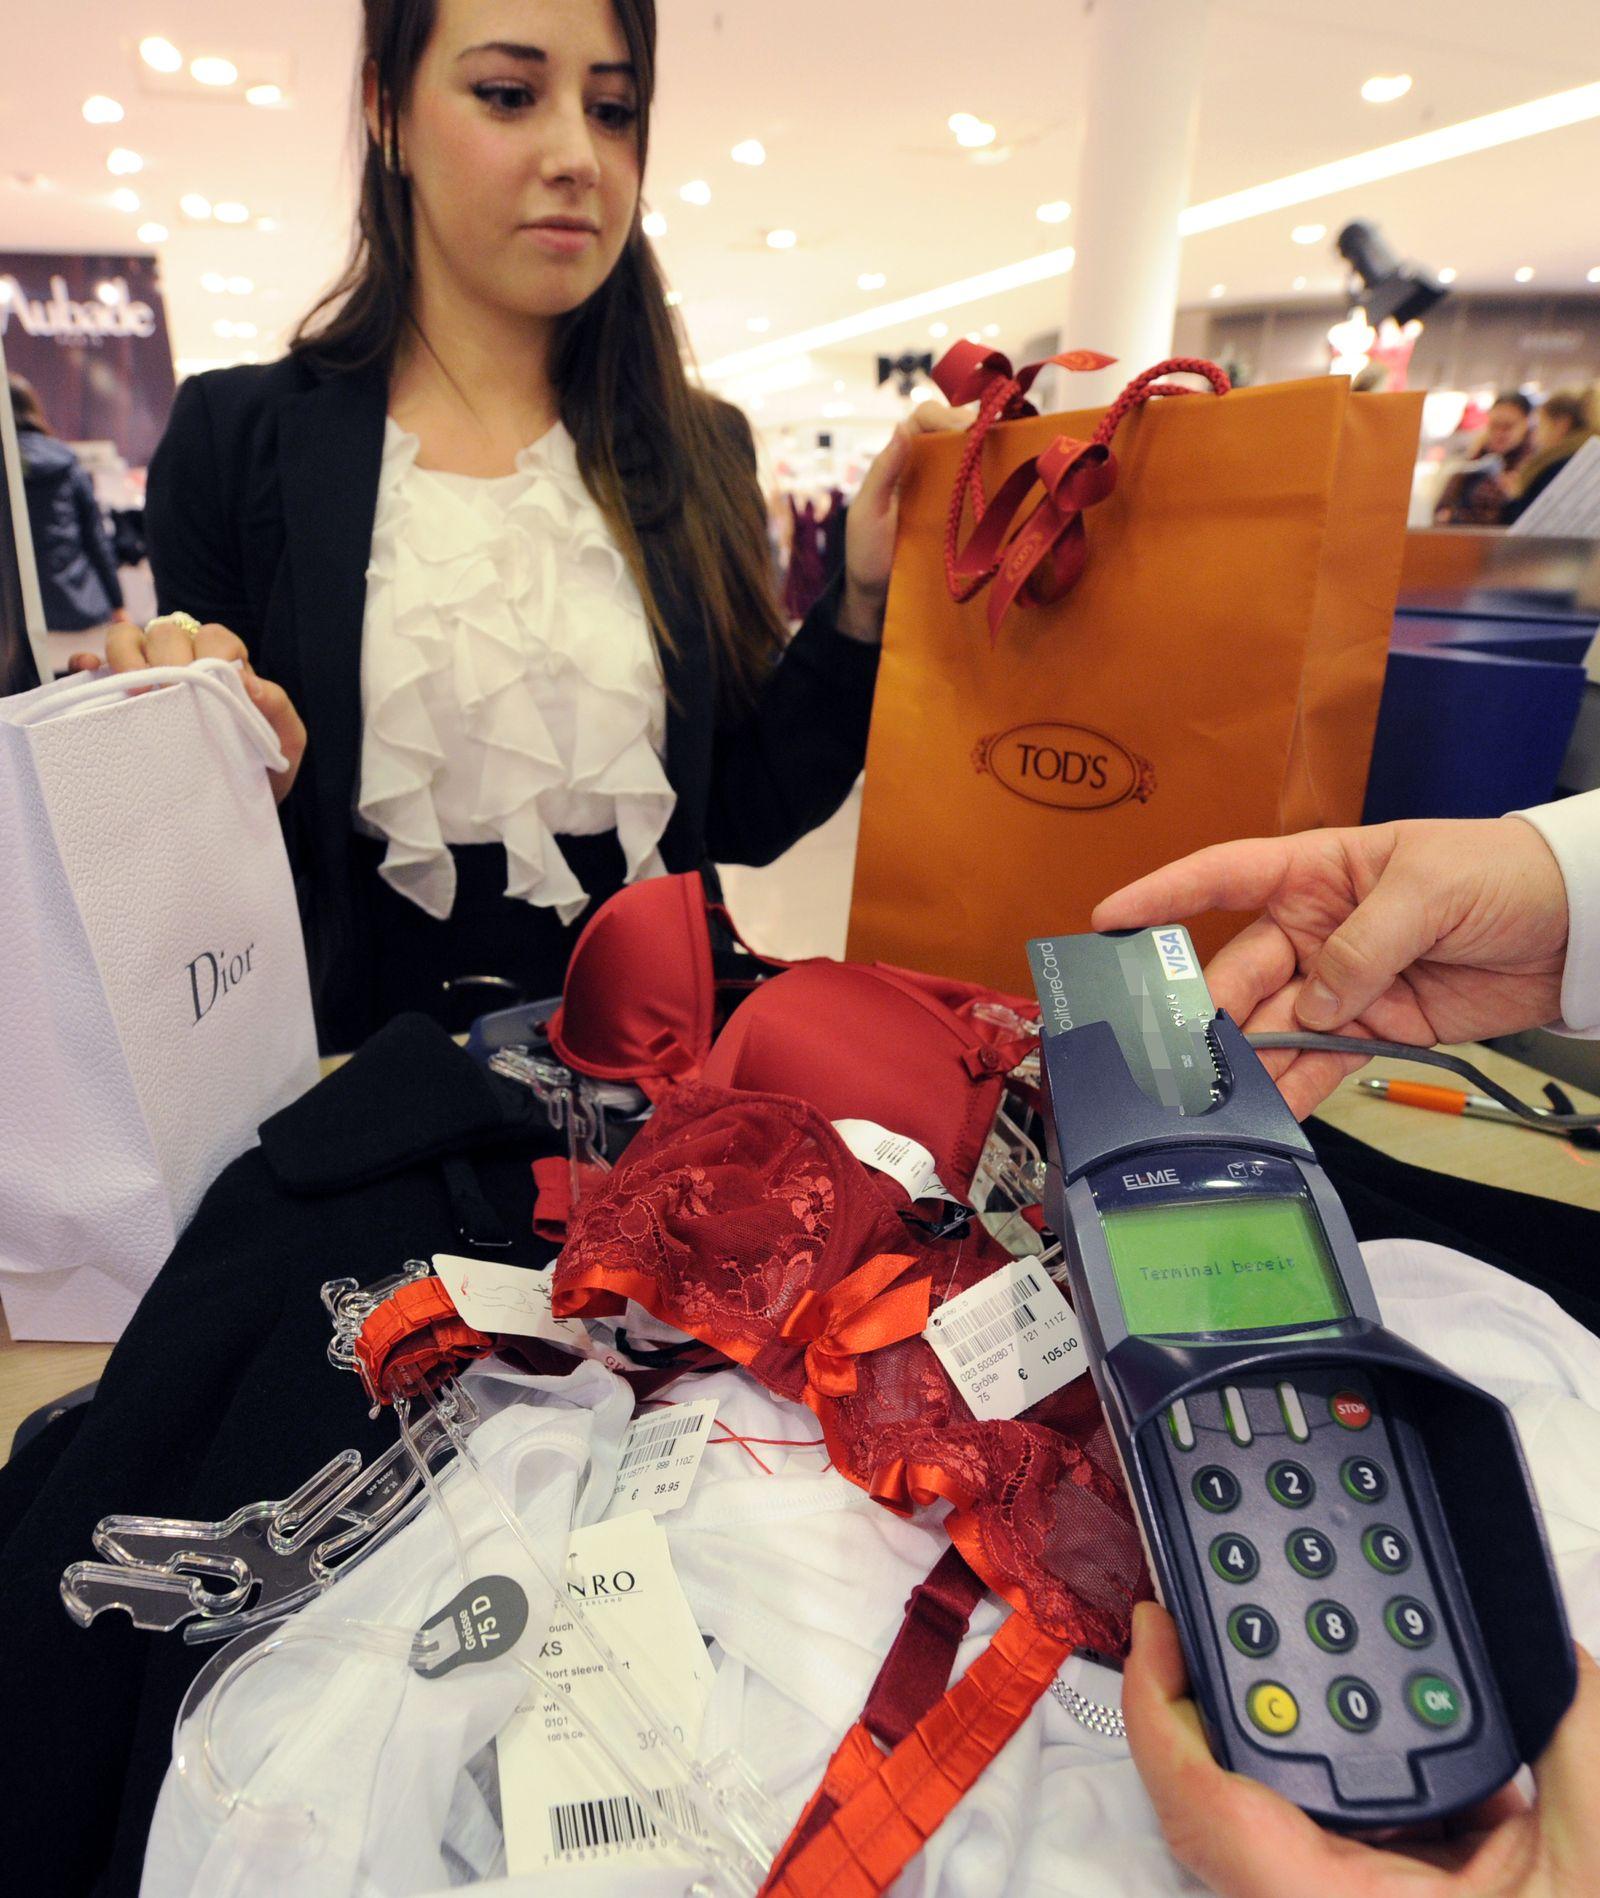 Verbraucherstimmung in Deutschland verbessert sich